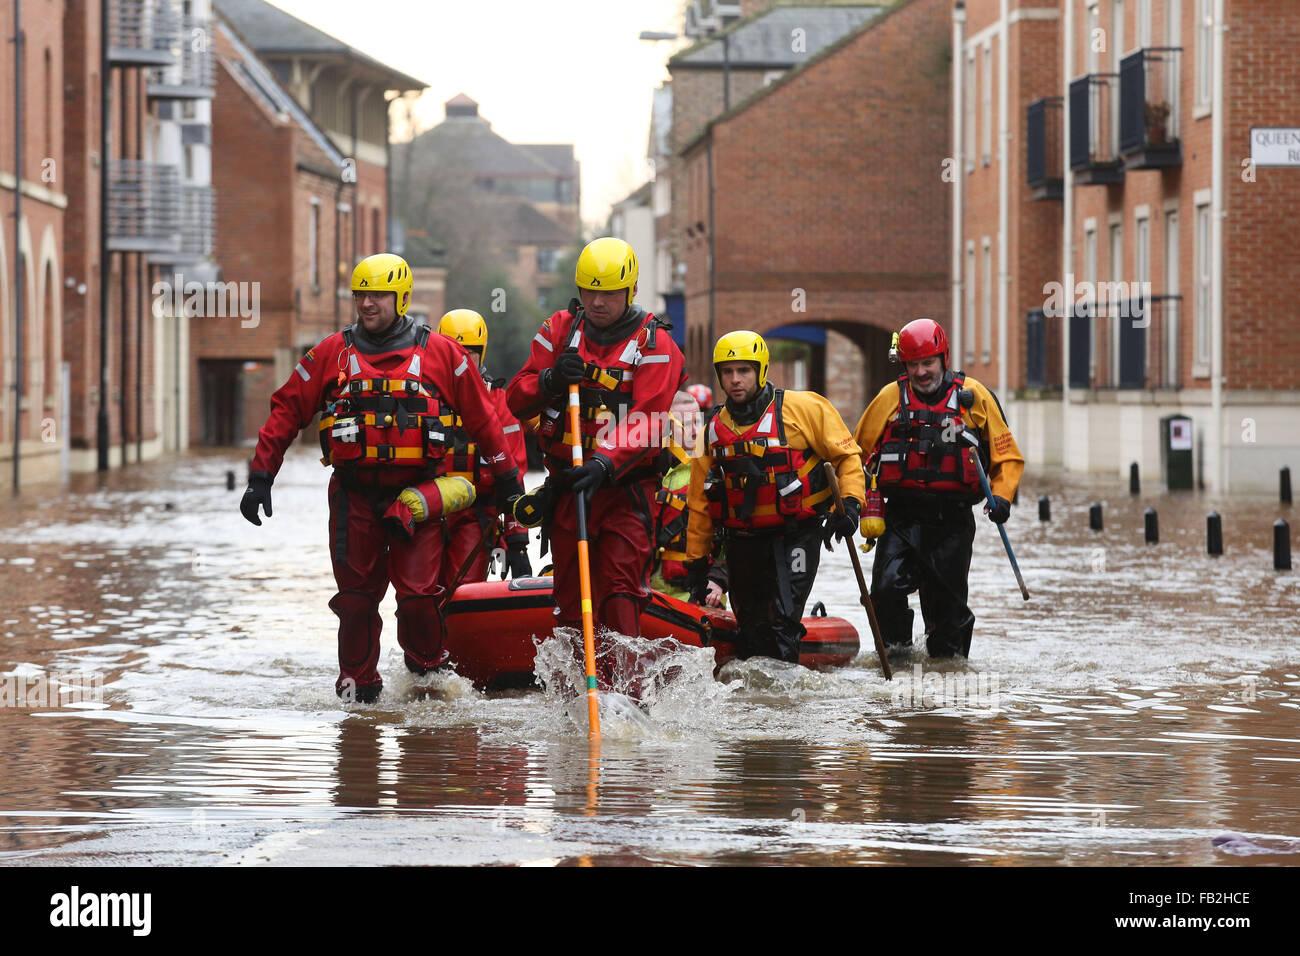 Gli operatori di soccorso wade attraverso alta acqua di inondazione in York, nello Yorkshire, Regno Unito, sia dopo Immagini Stock